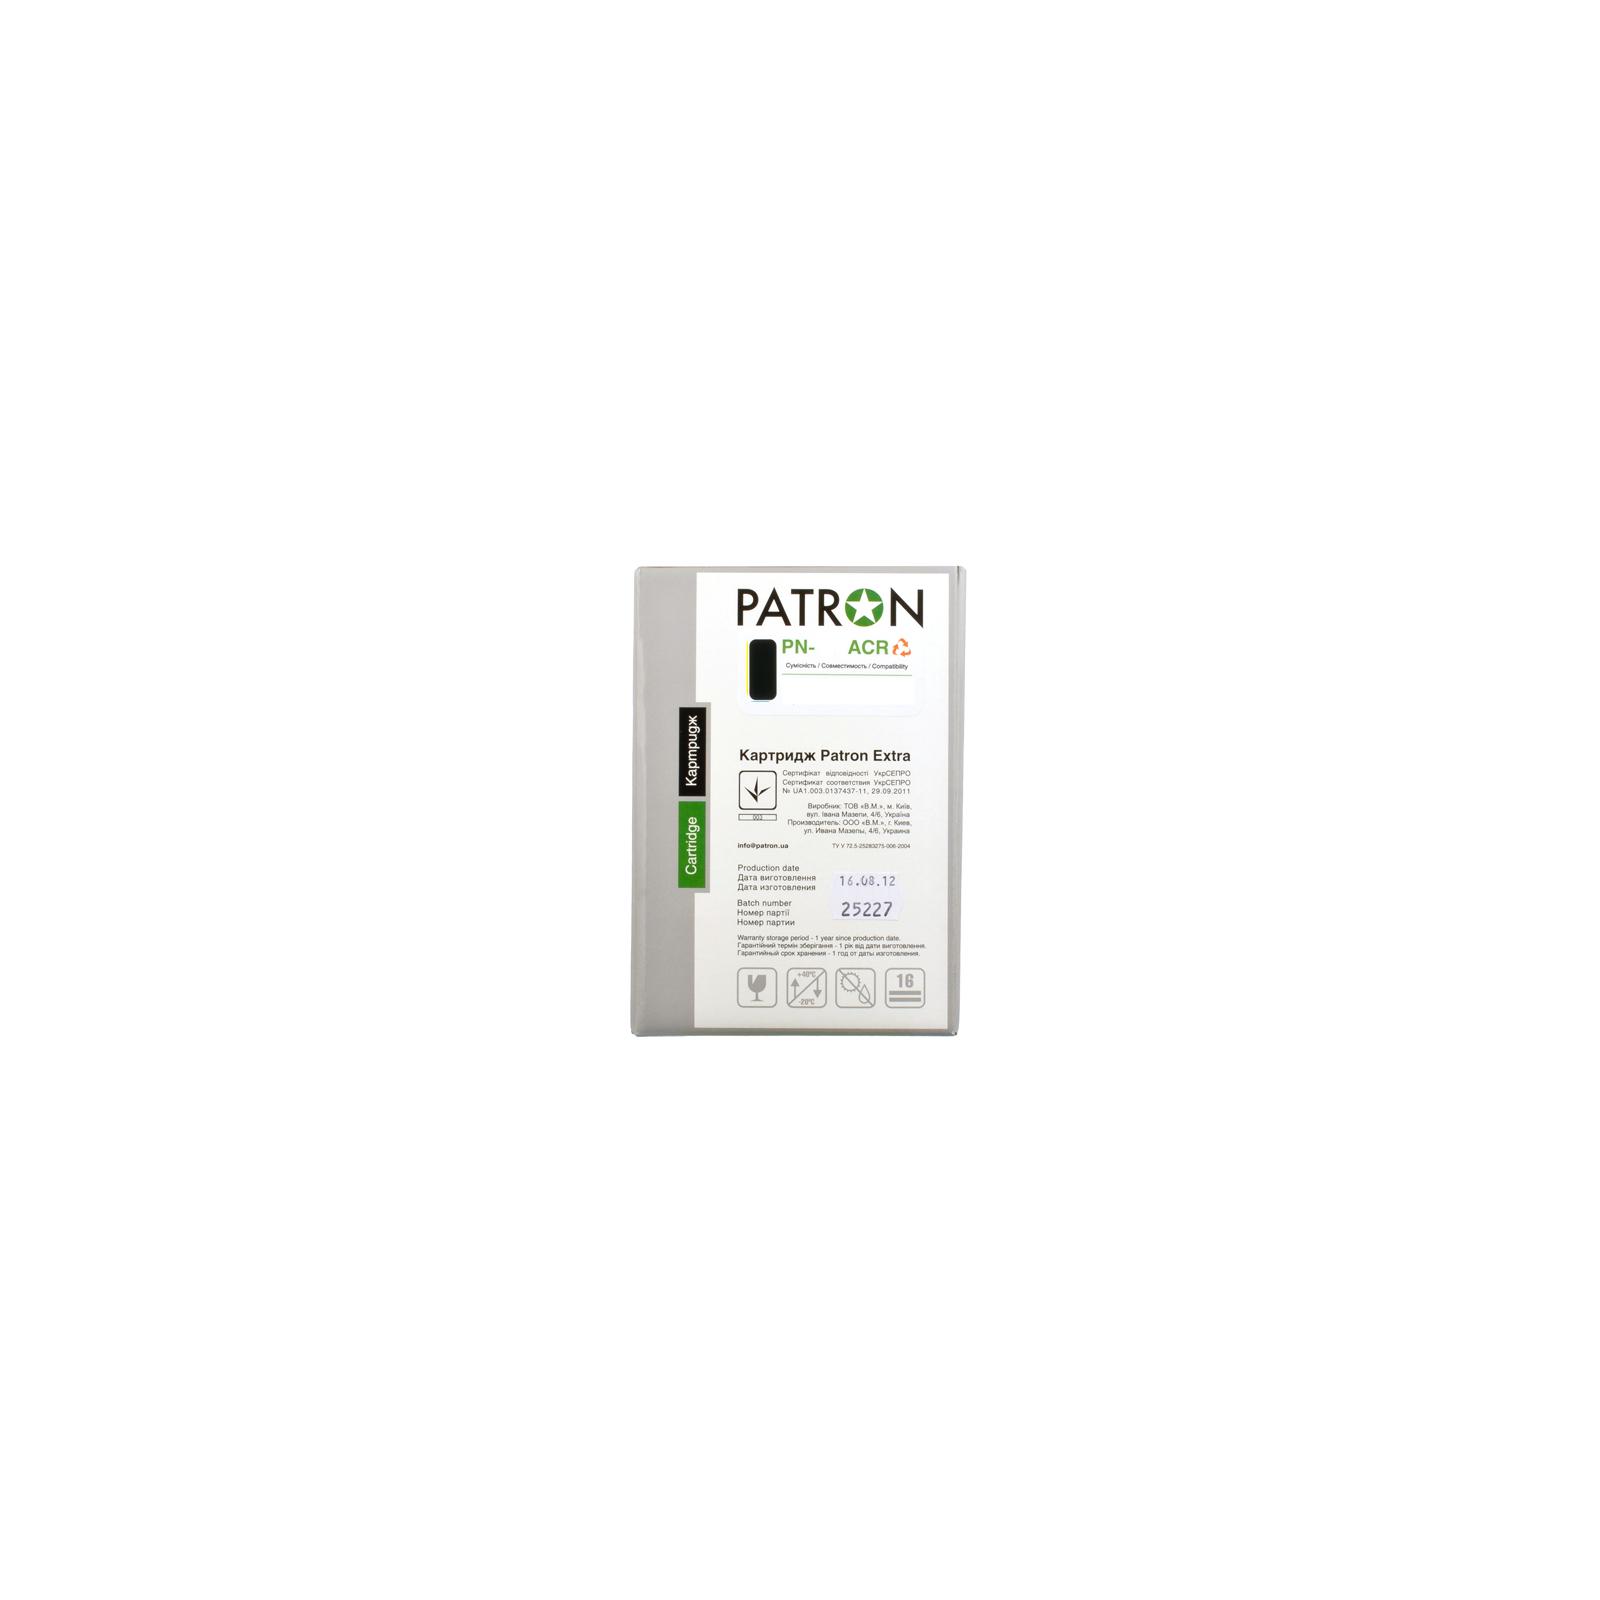 Картридж PATRON HP CLJ 5500/ 5550 BLACK /PN-645AKR (CT-HP-C9730A-B-PN-R) изображение 5